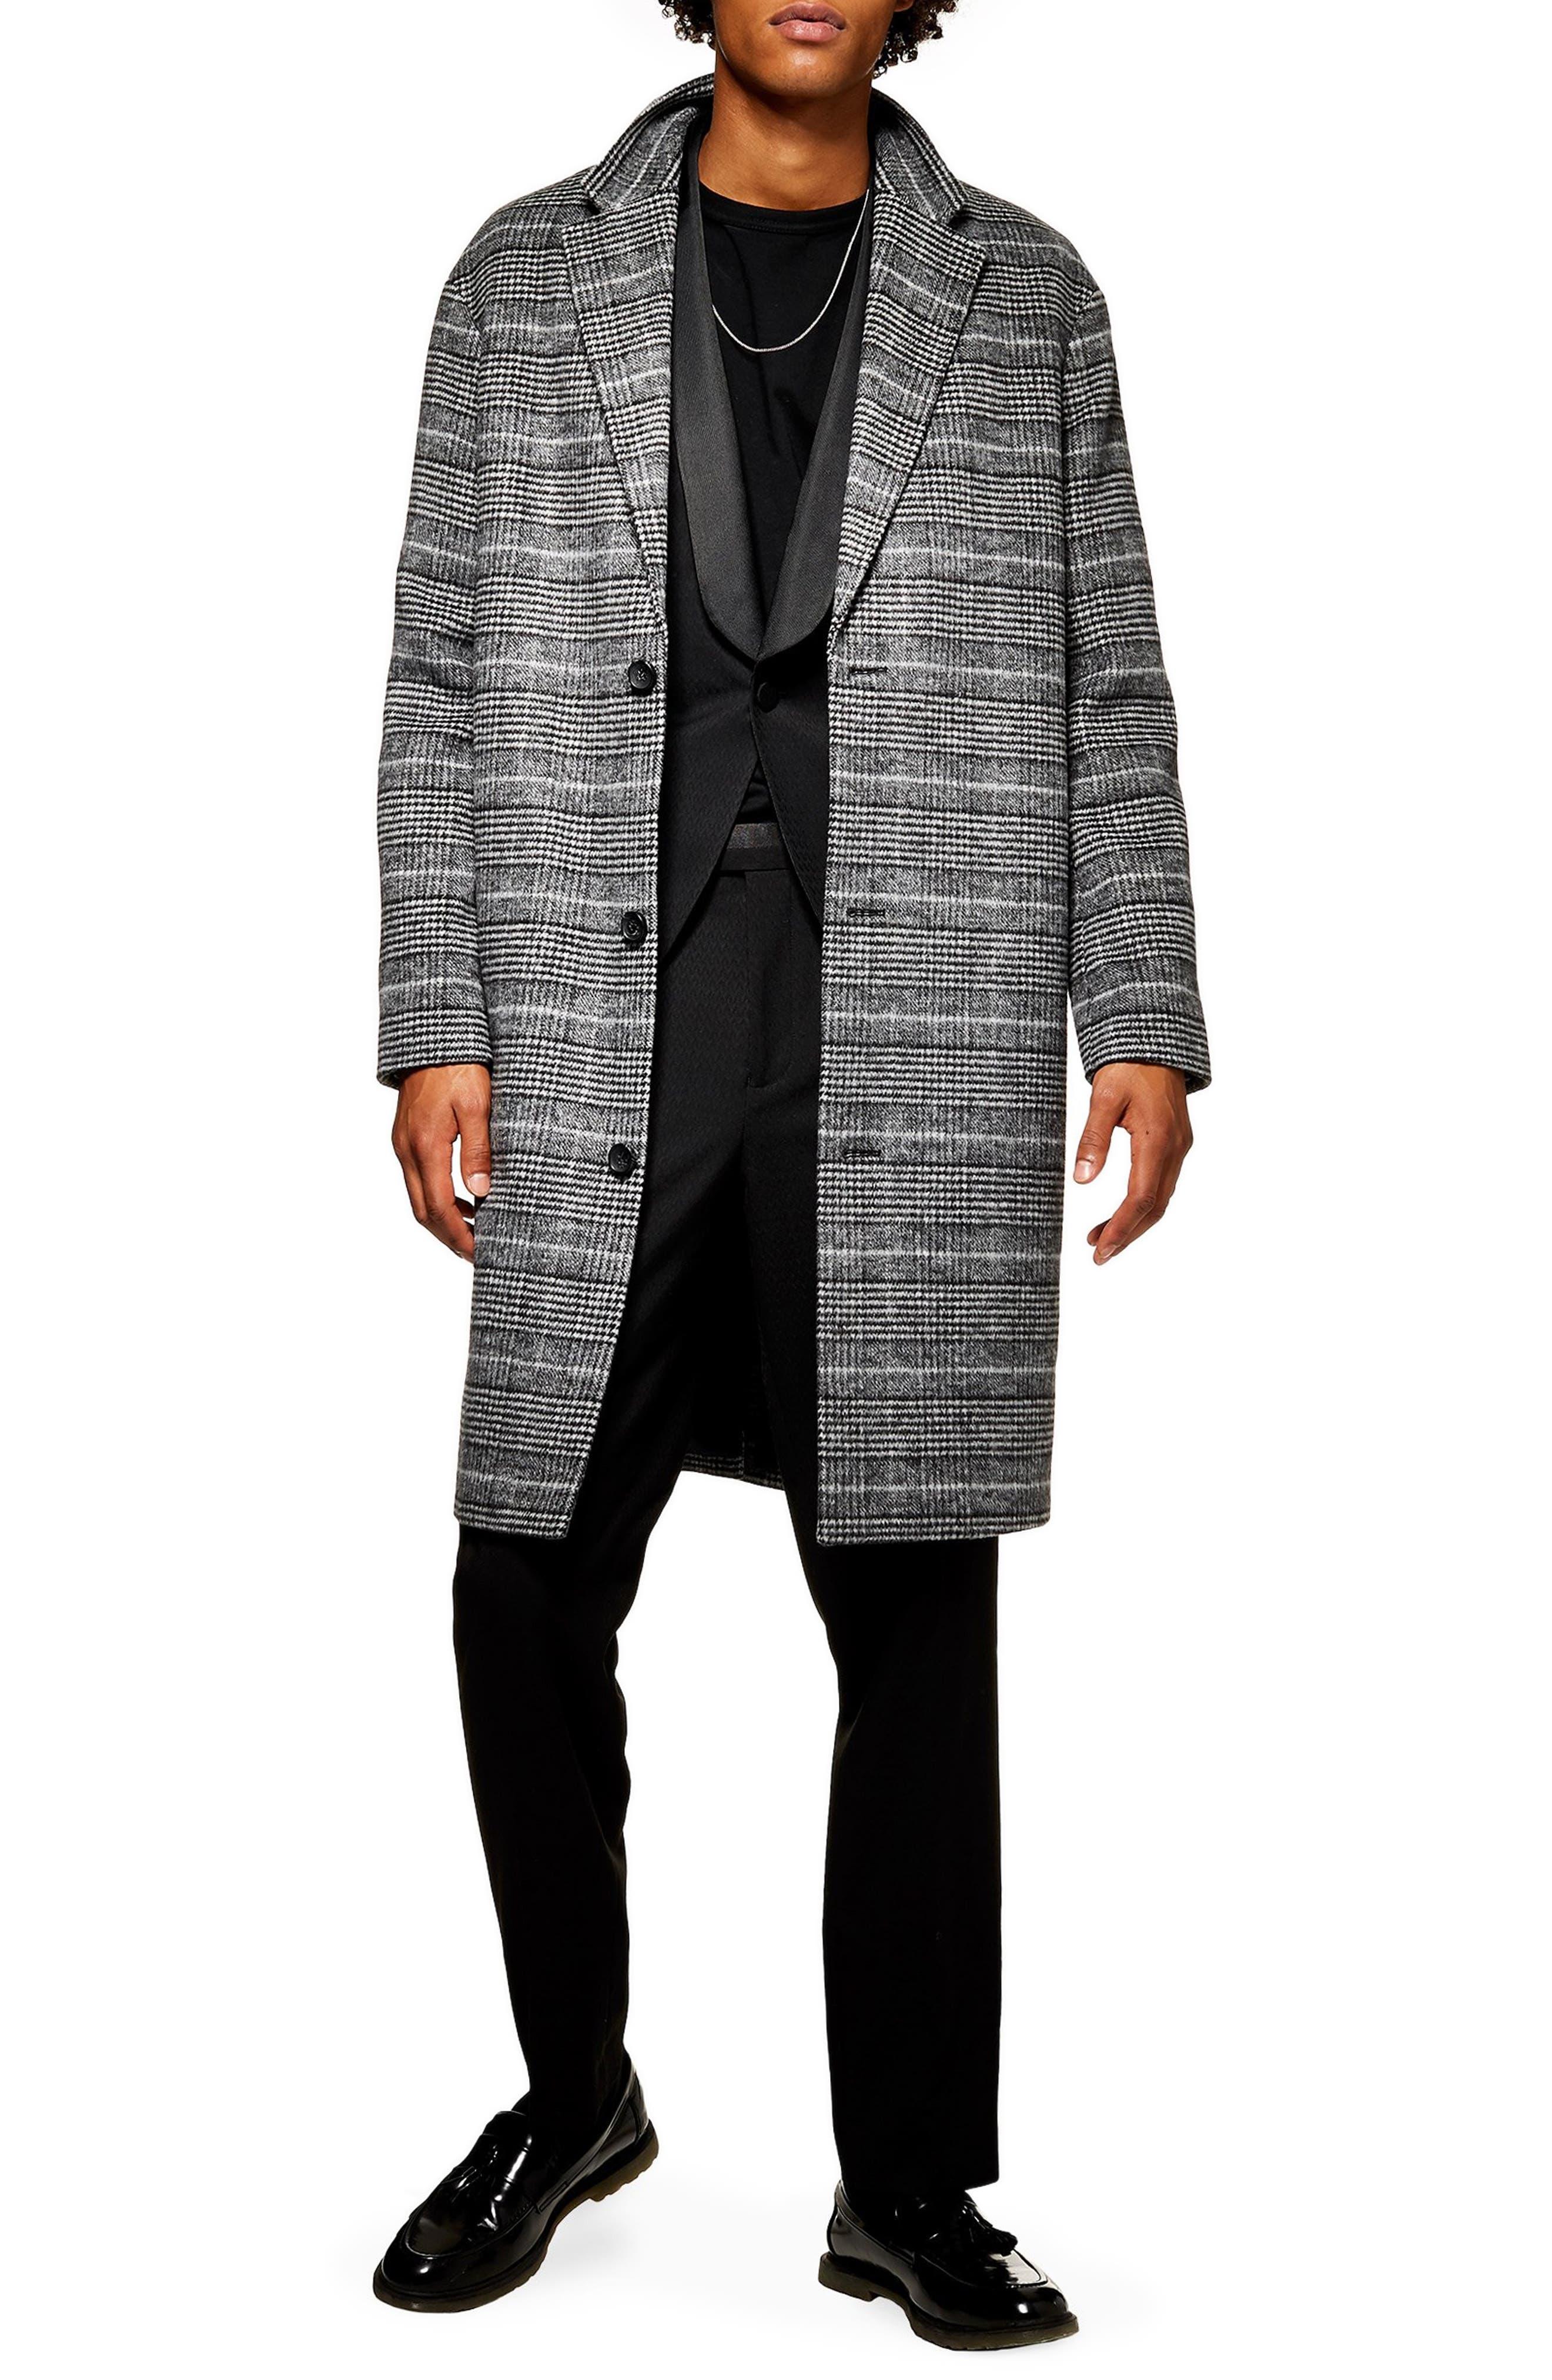 TOPMAN Hayden Check Print Overcoat, Main, color, 020